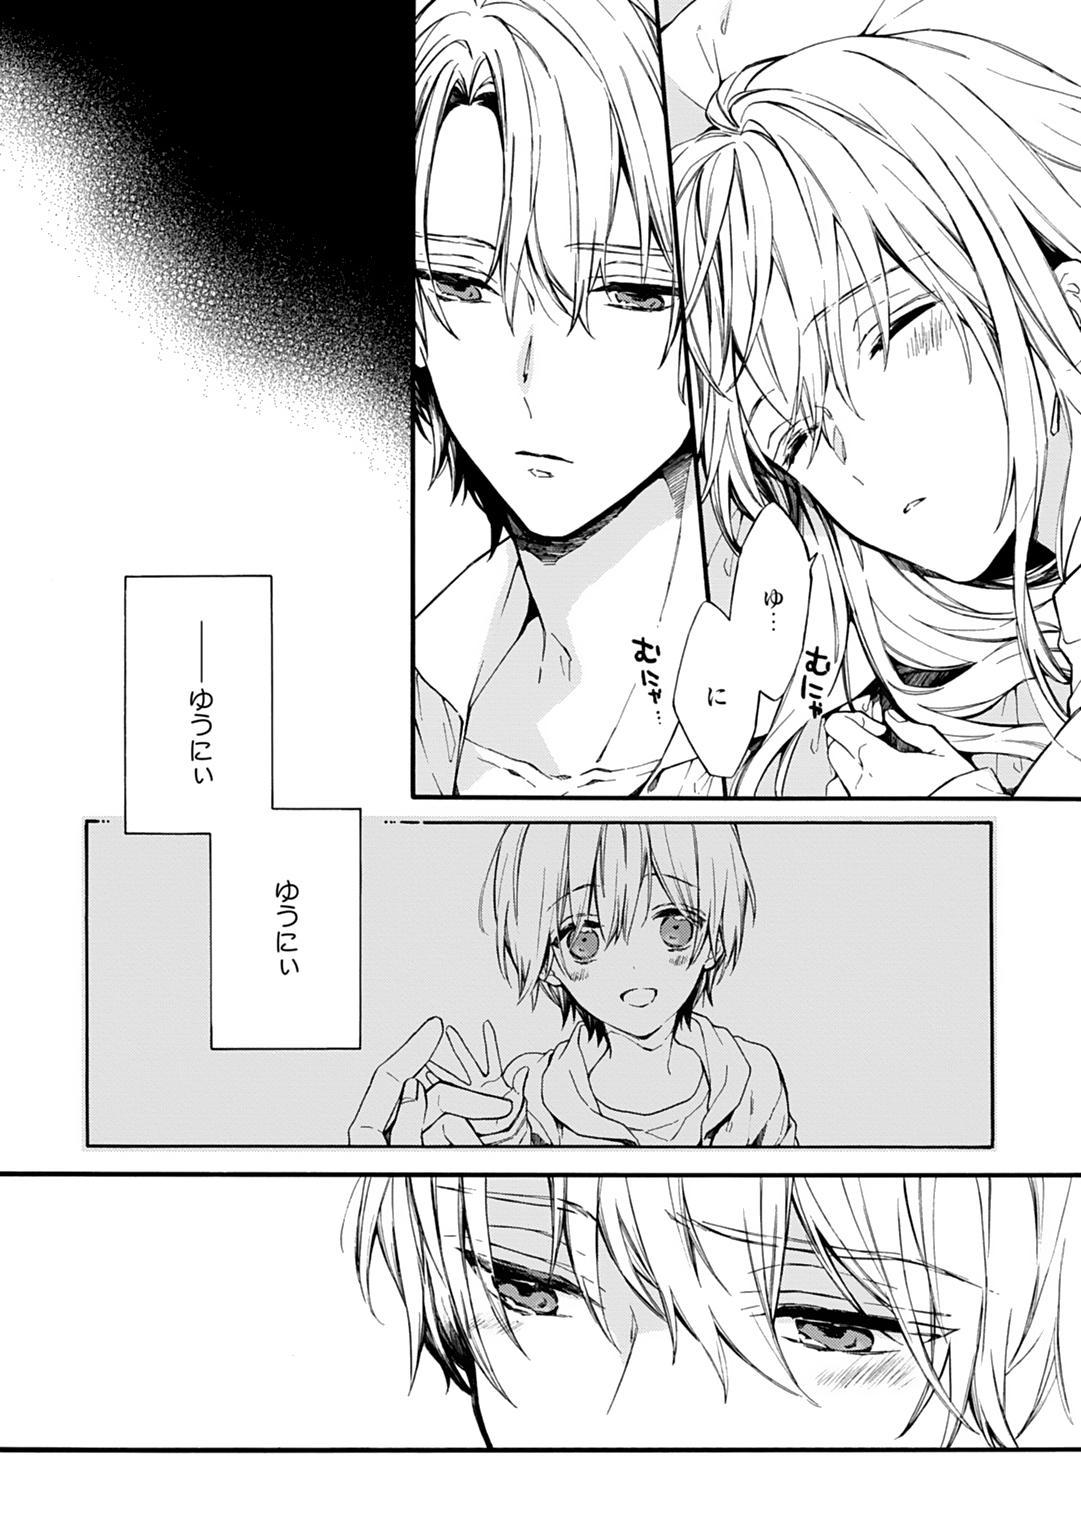 [Suzushiro Nerita] Otomege (18-kin) de Nyotaika shita Ore wa ~Clear Jouken wa Dekiai Ecchi!?~ 1-2 63